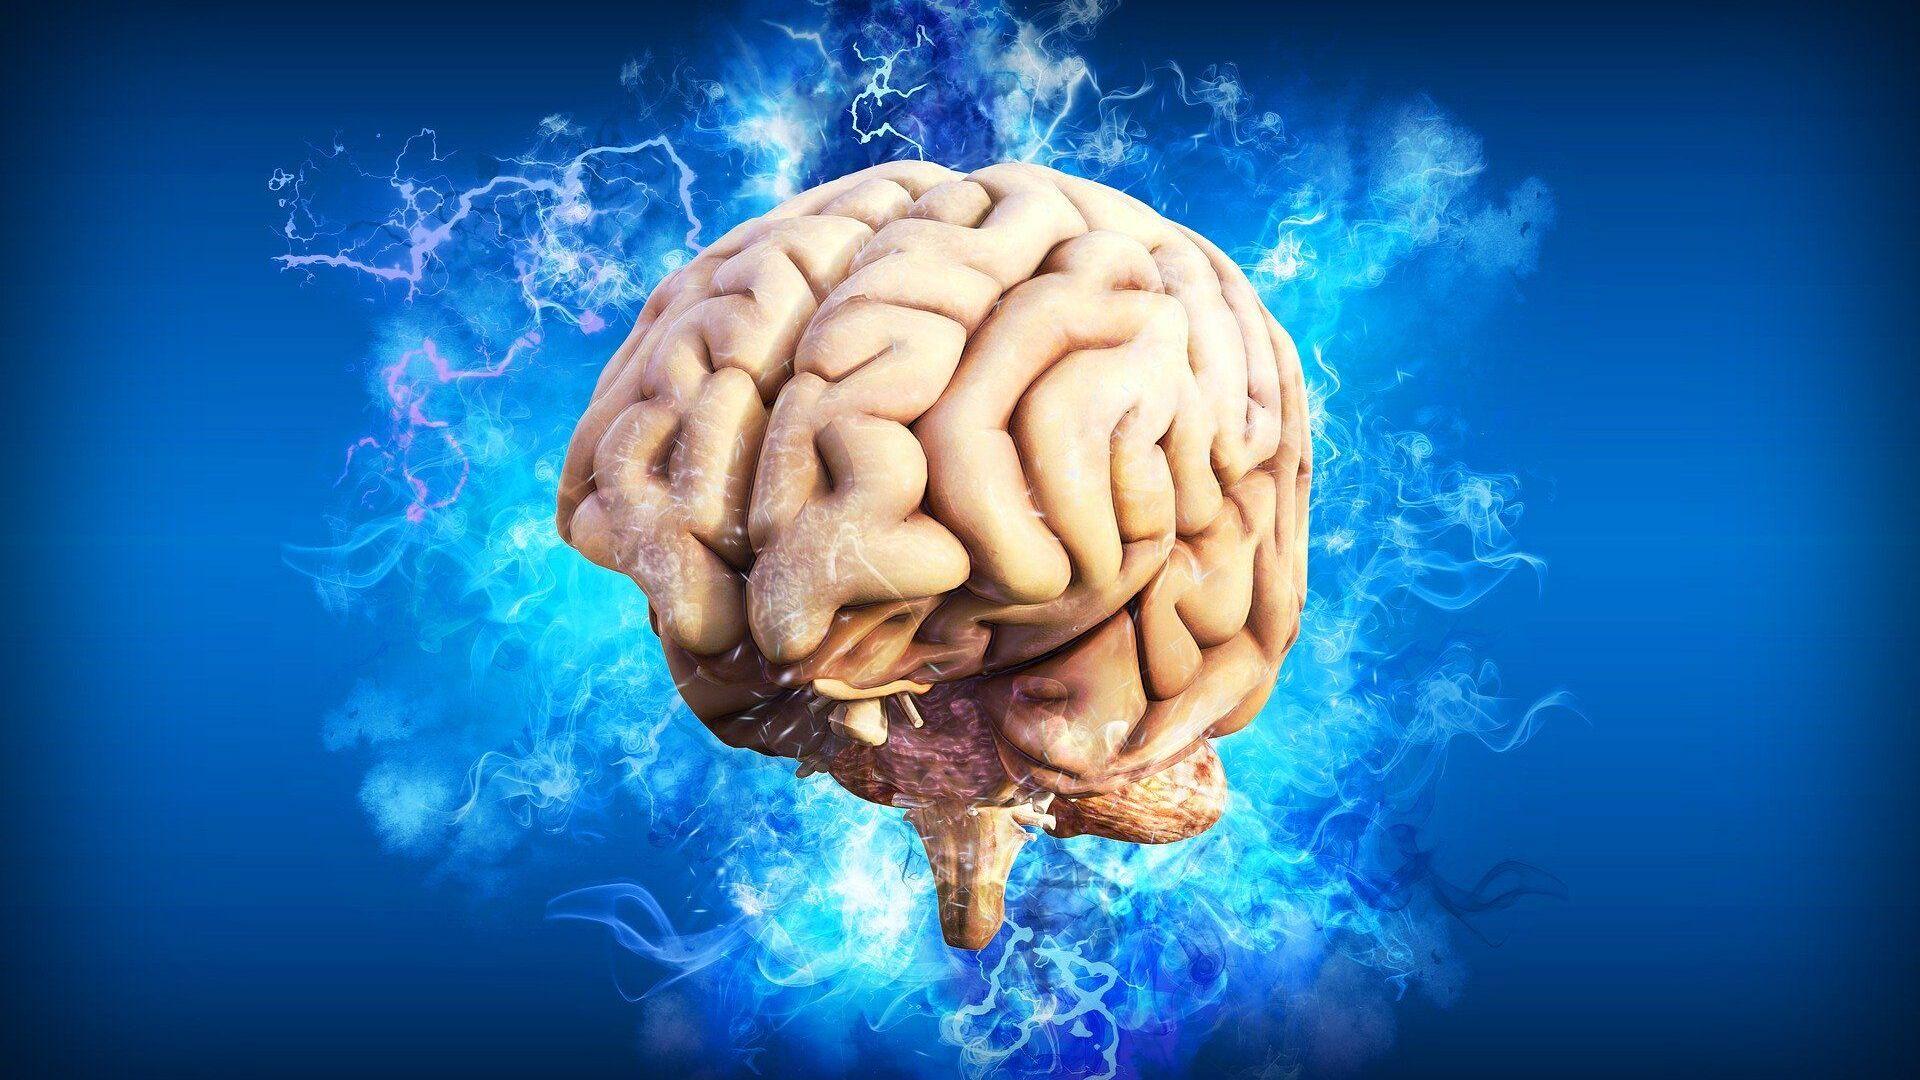 El cerebro humano, referencial - Sputnik Mundo, 1920, 13.04.2021